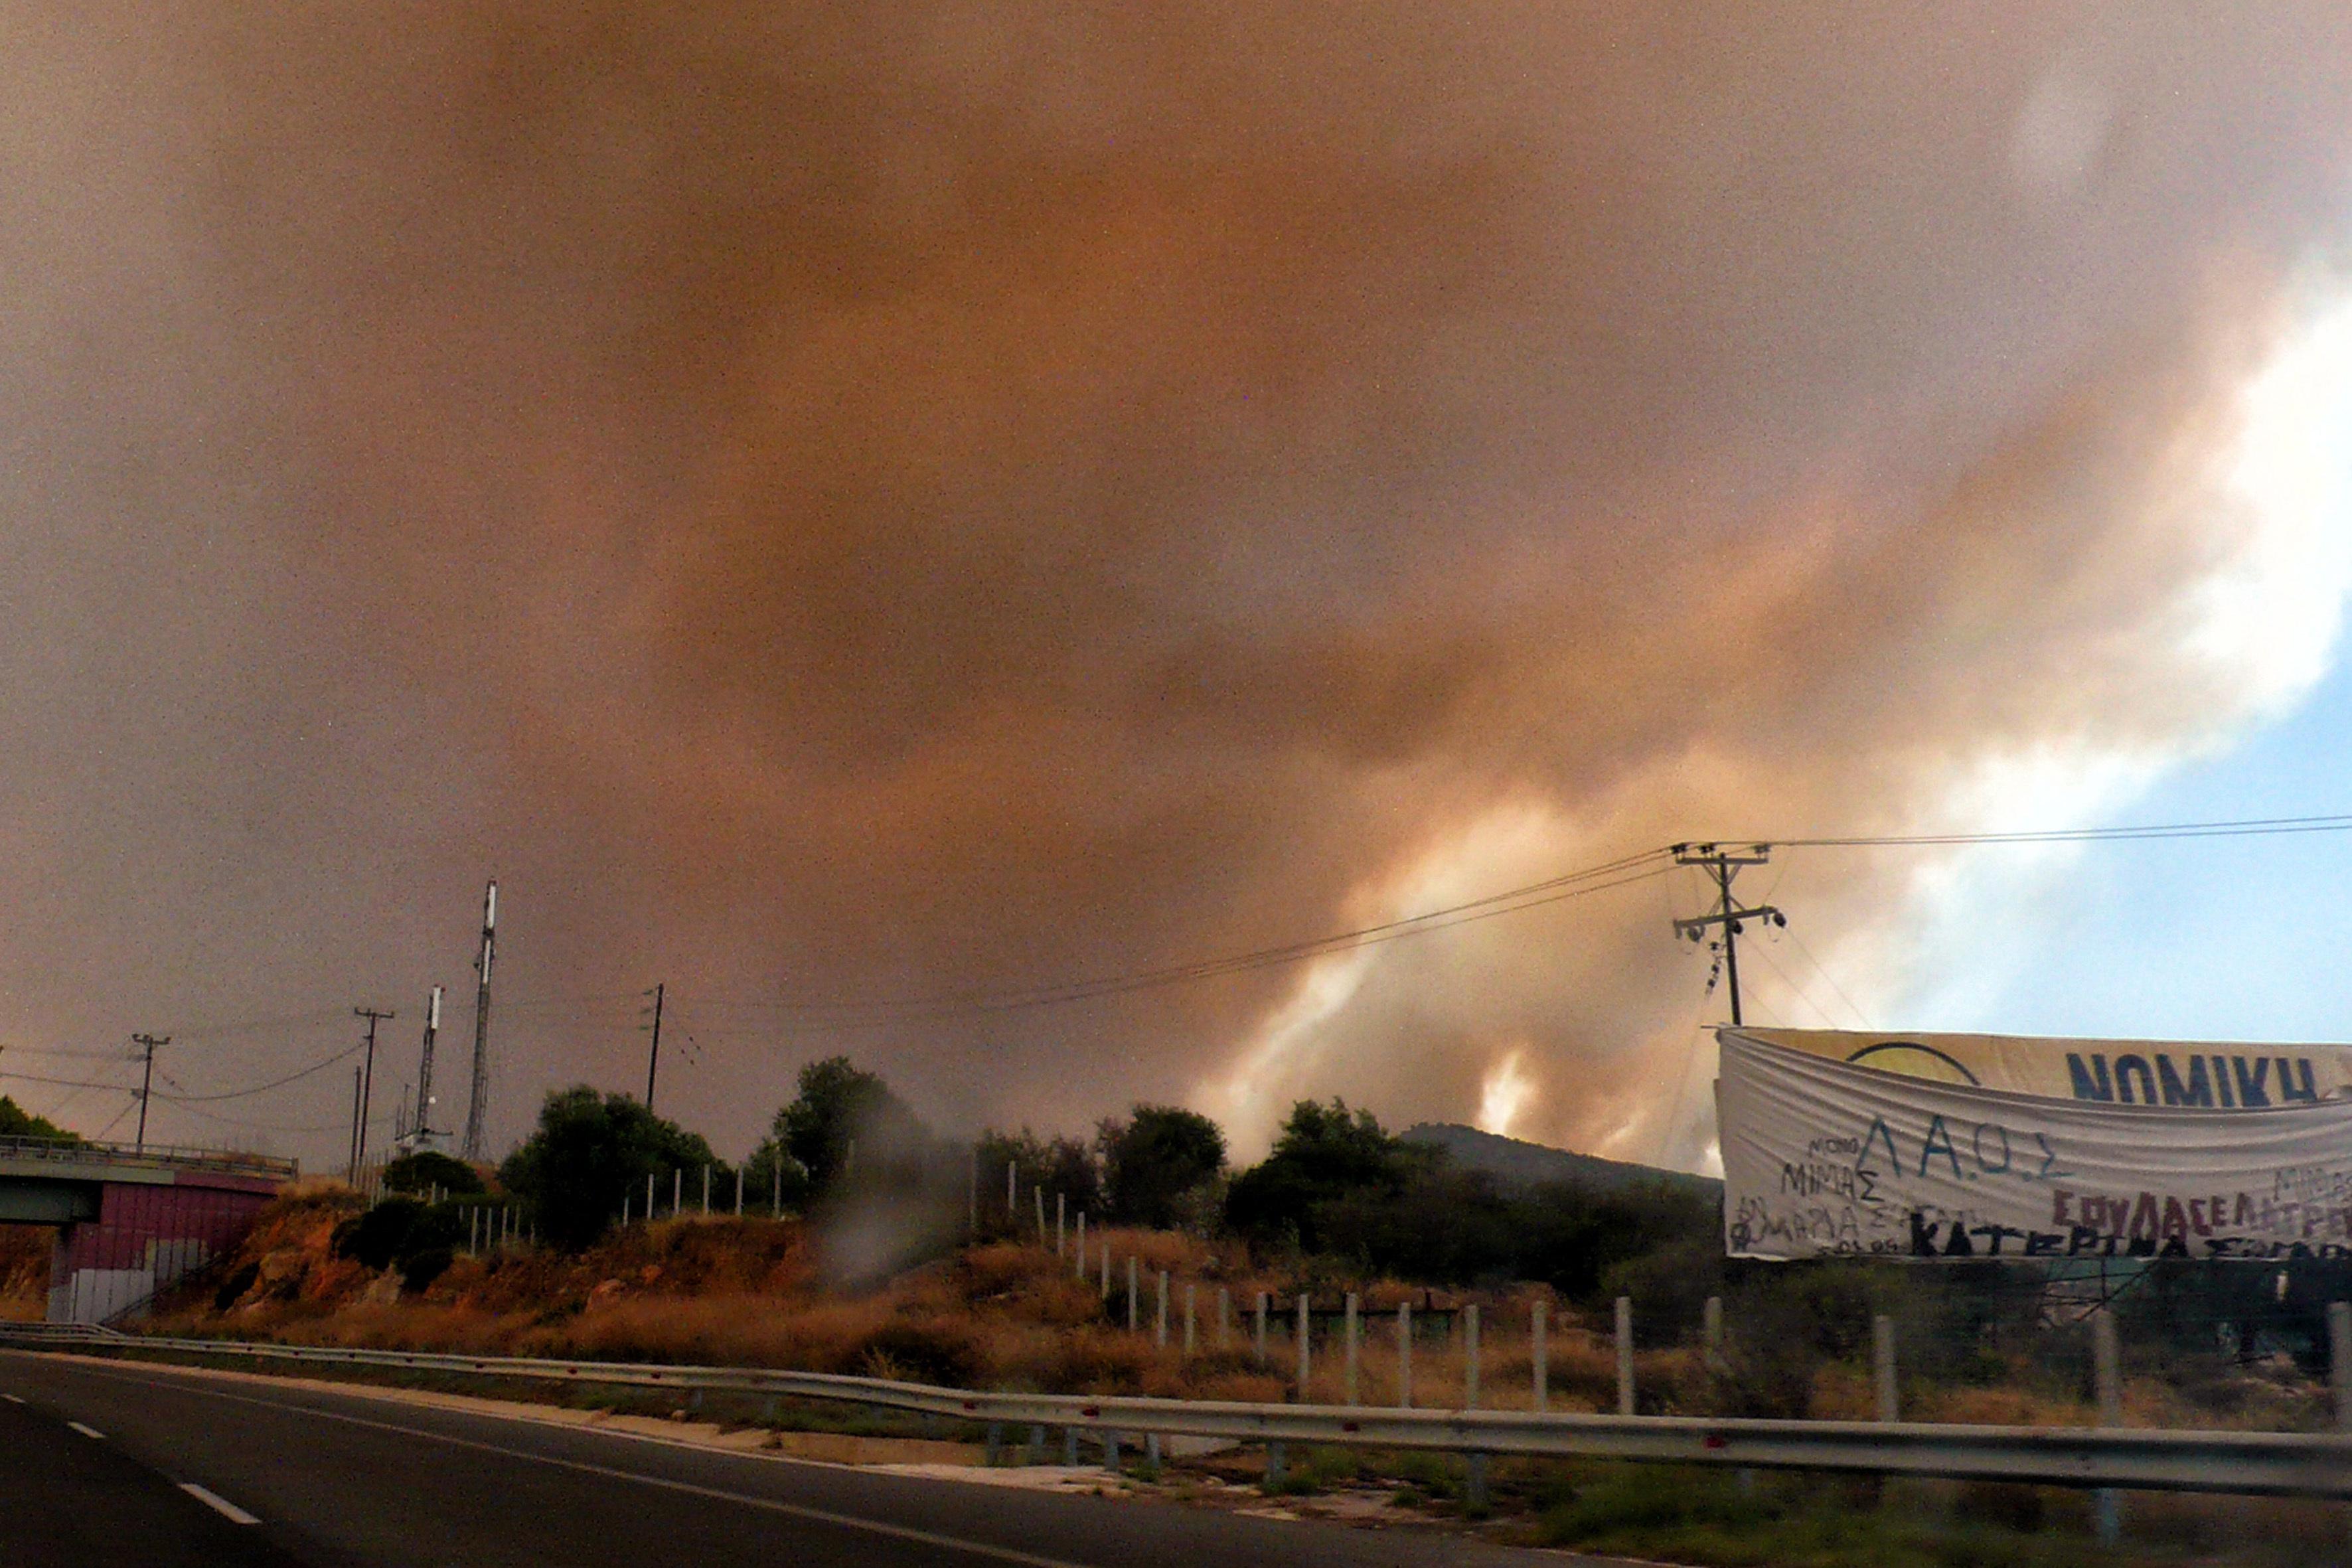 eikones-oloklirotikis-katastrofis-apo-tis-pyrkagies-foto-amp-8211-vinteo31